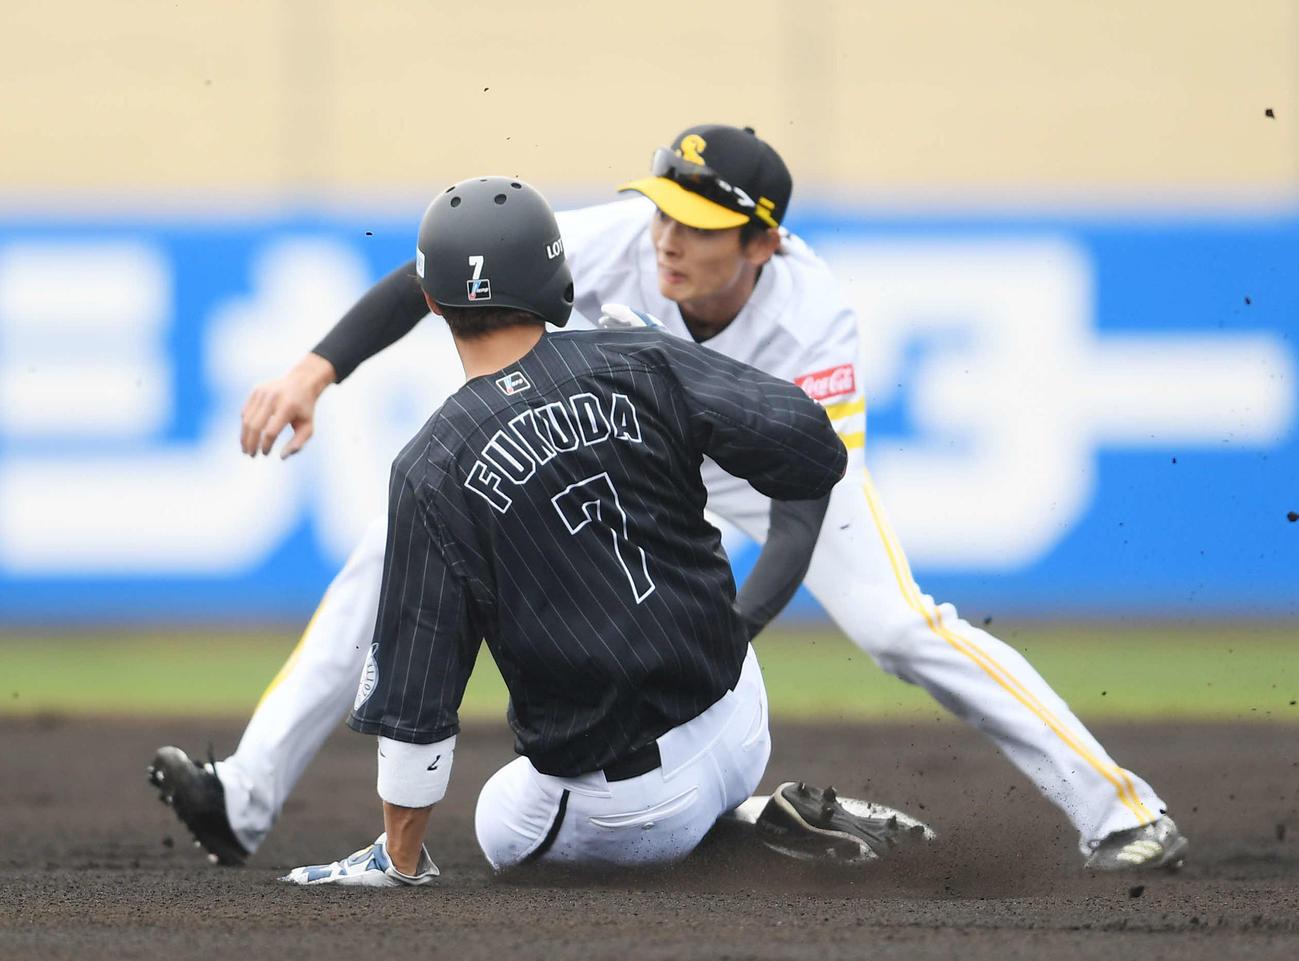 ソフトバンク対ロッテ 6回表ロッテ2死一塁、打者井上の時、二盗する福田秀。二塁手周東(撮影・鈴木みどり)